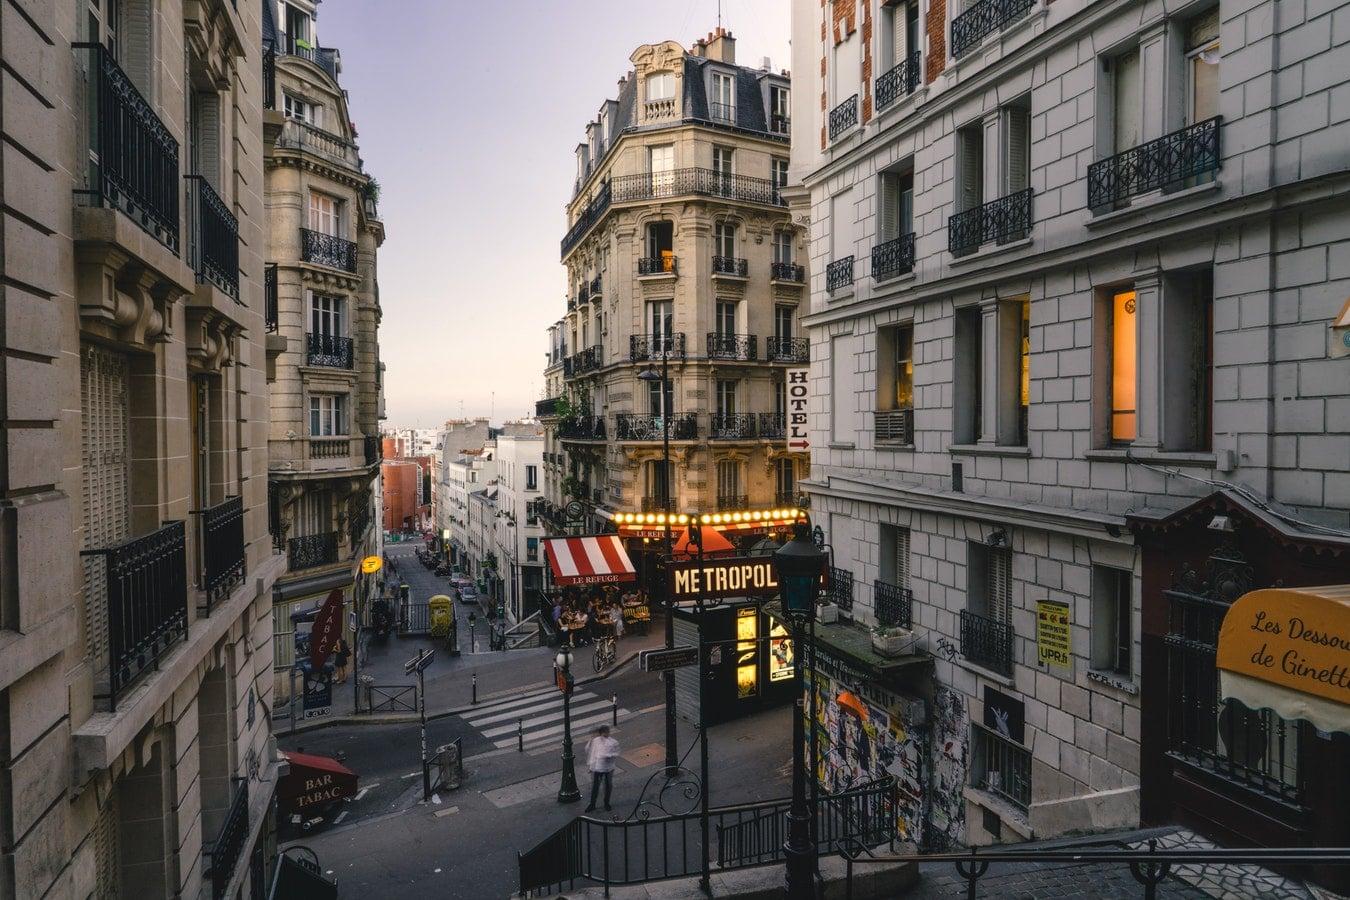 quartier populaire, quartier bourgeois, où investir ?